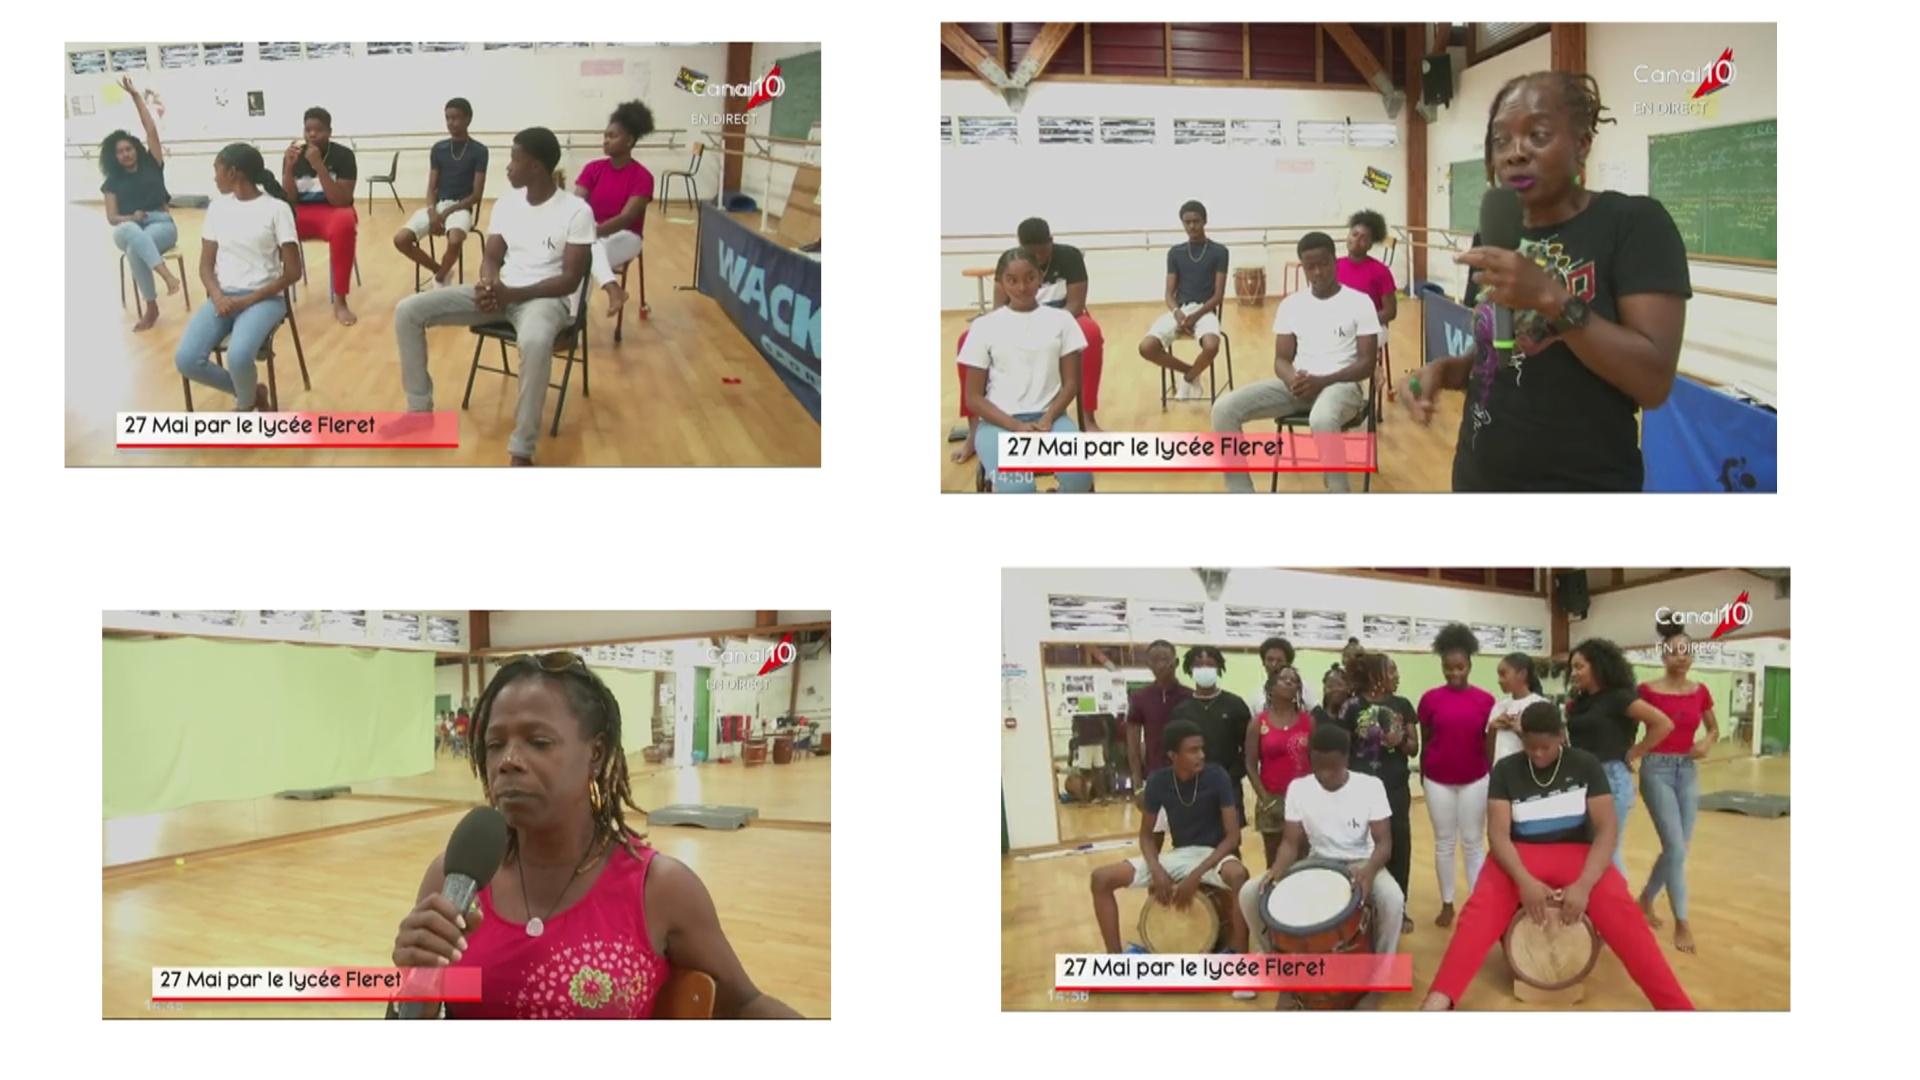 [Vidéo] Onews Guadeloupe. le 27 mai abolition de l esclavage. Manifestation au Lycée Fléret de Morne à l'Eau